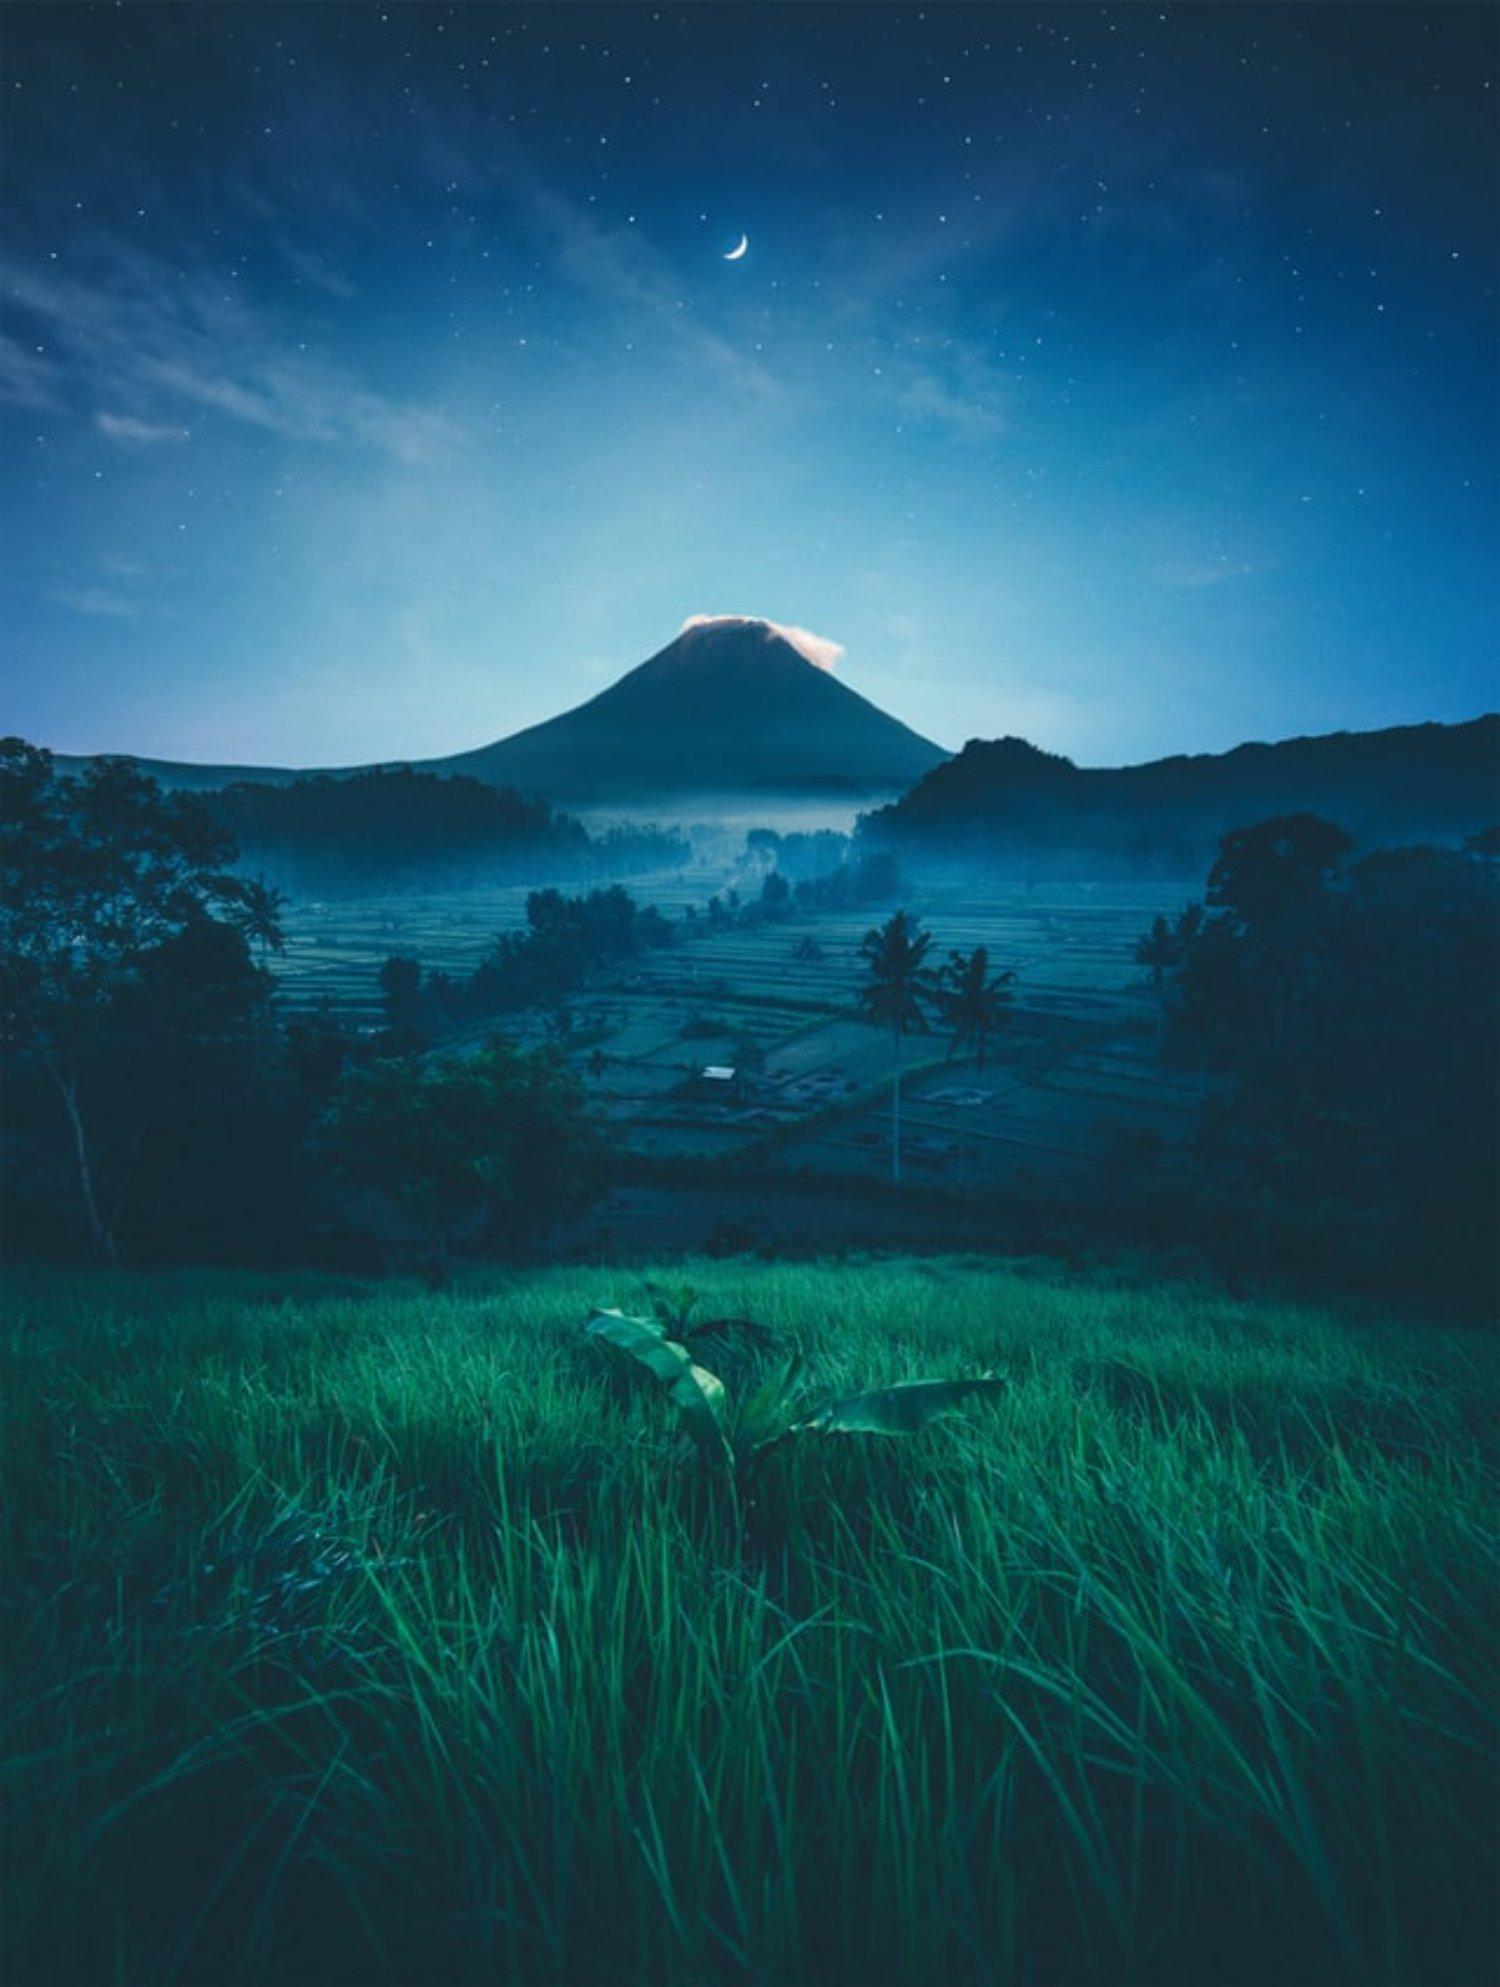 Stargazing on Bali Sky During Nyepi